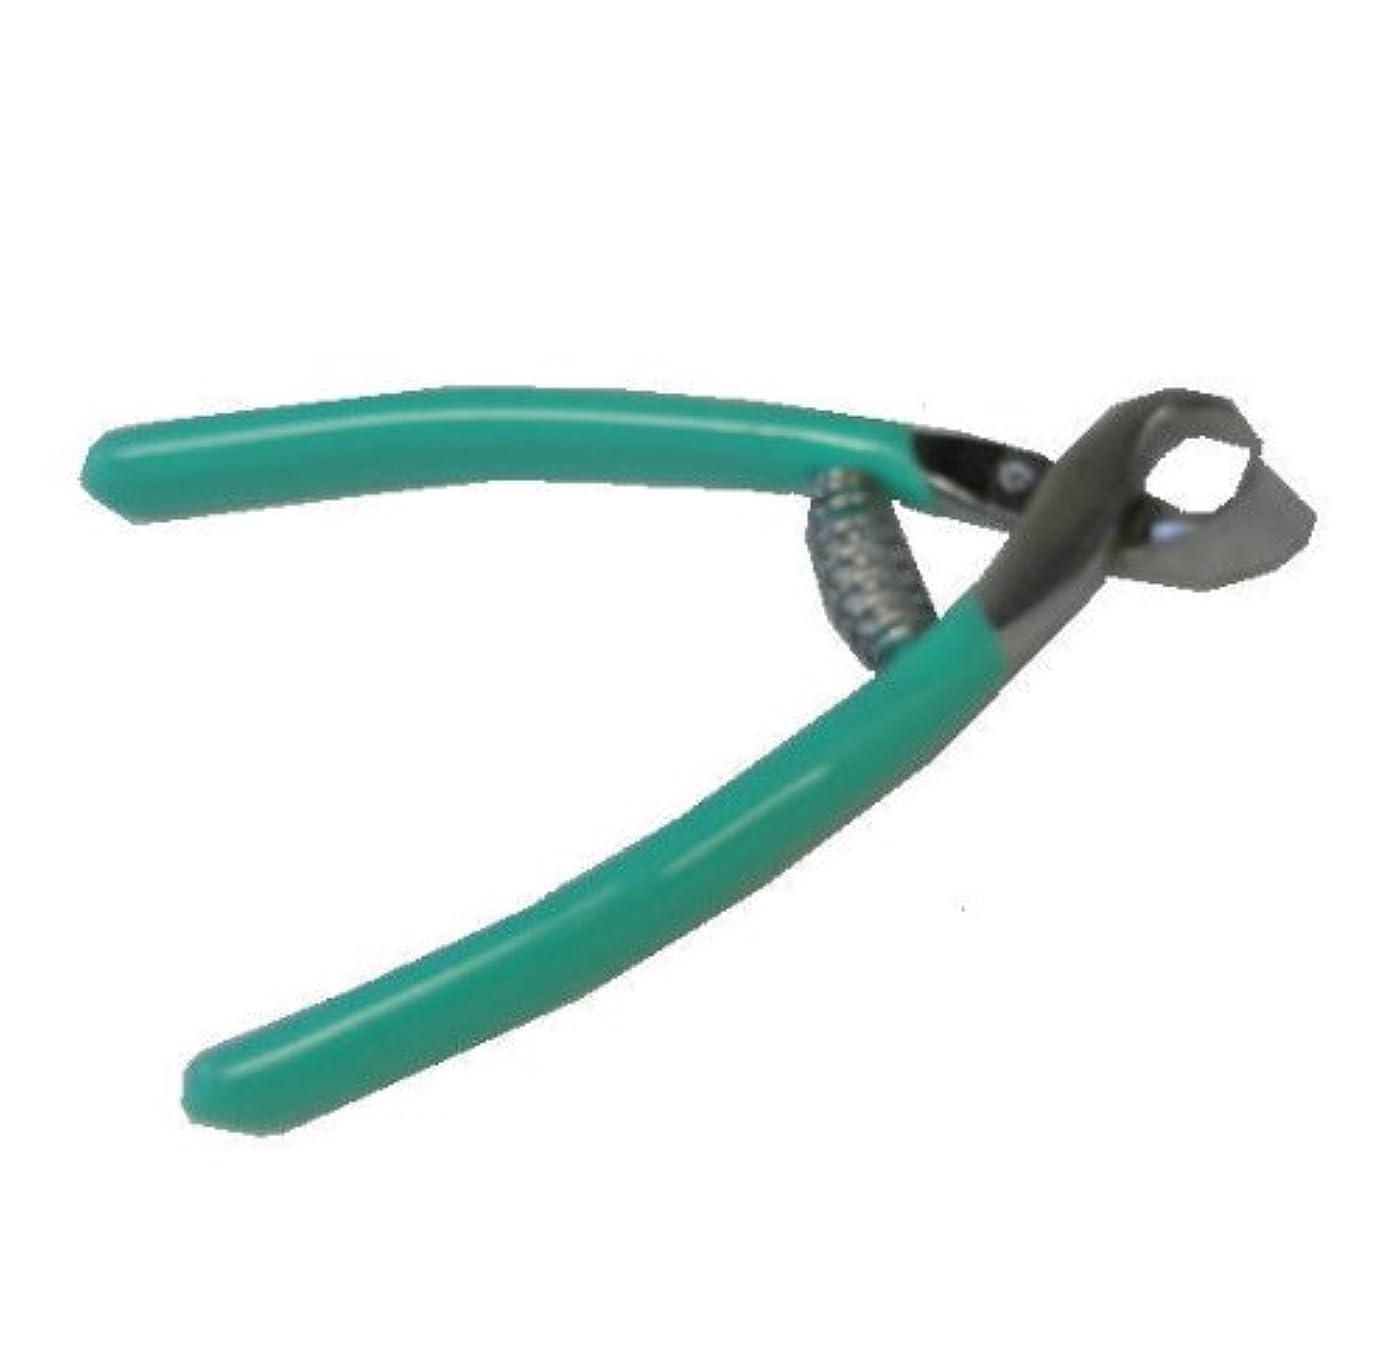 遠え裂け目に慣れフルサワの介護用爪切り 斜刃 グリーン